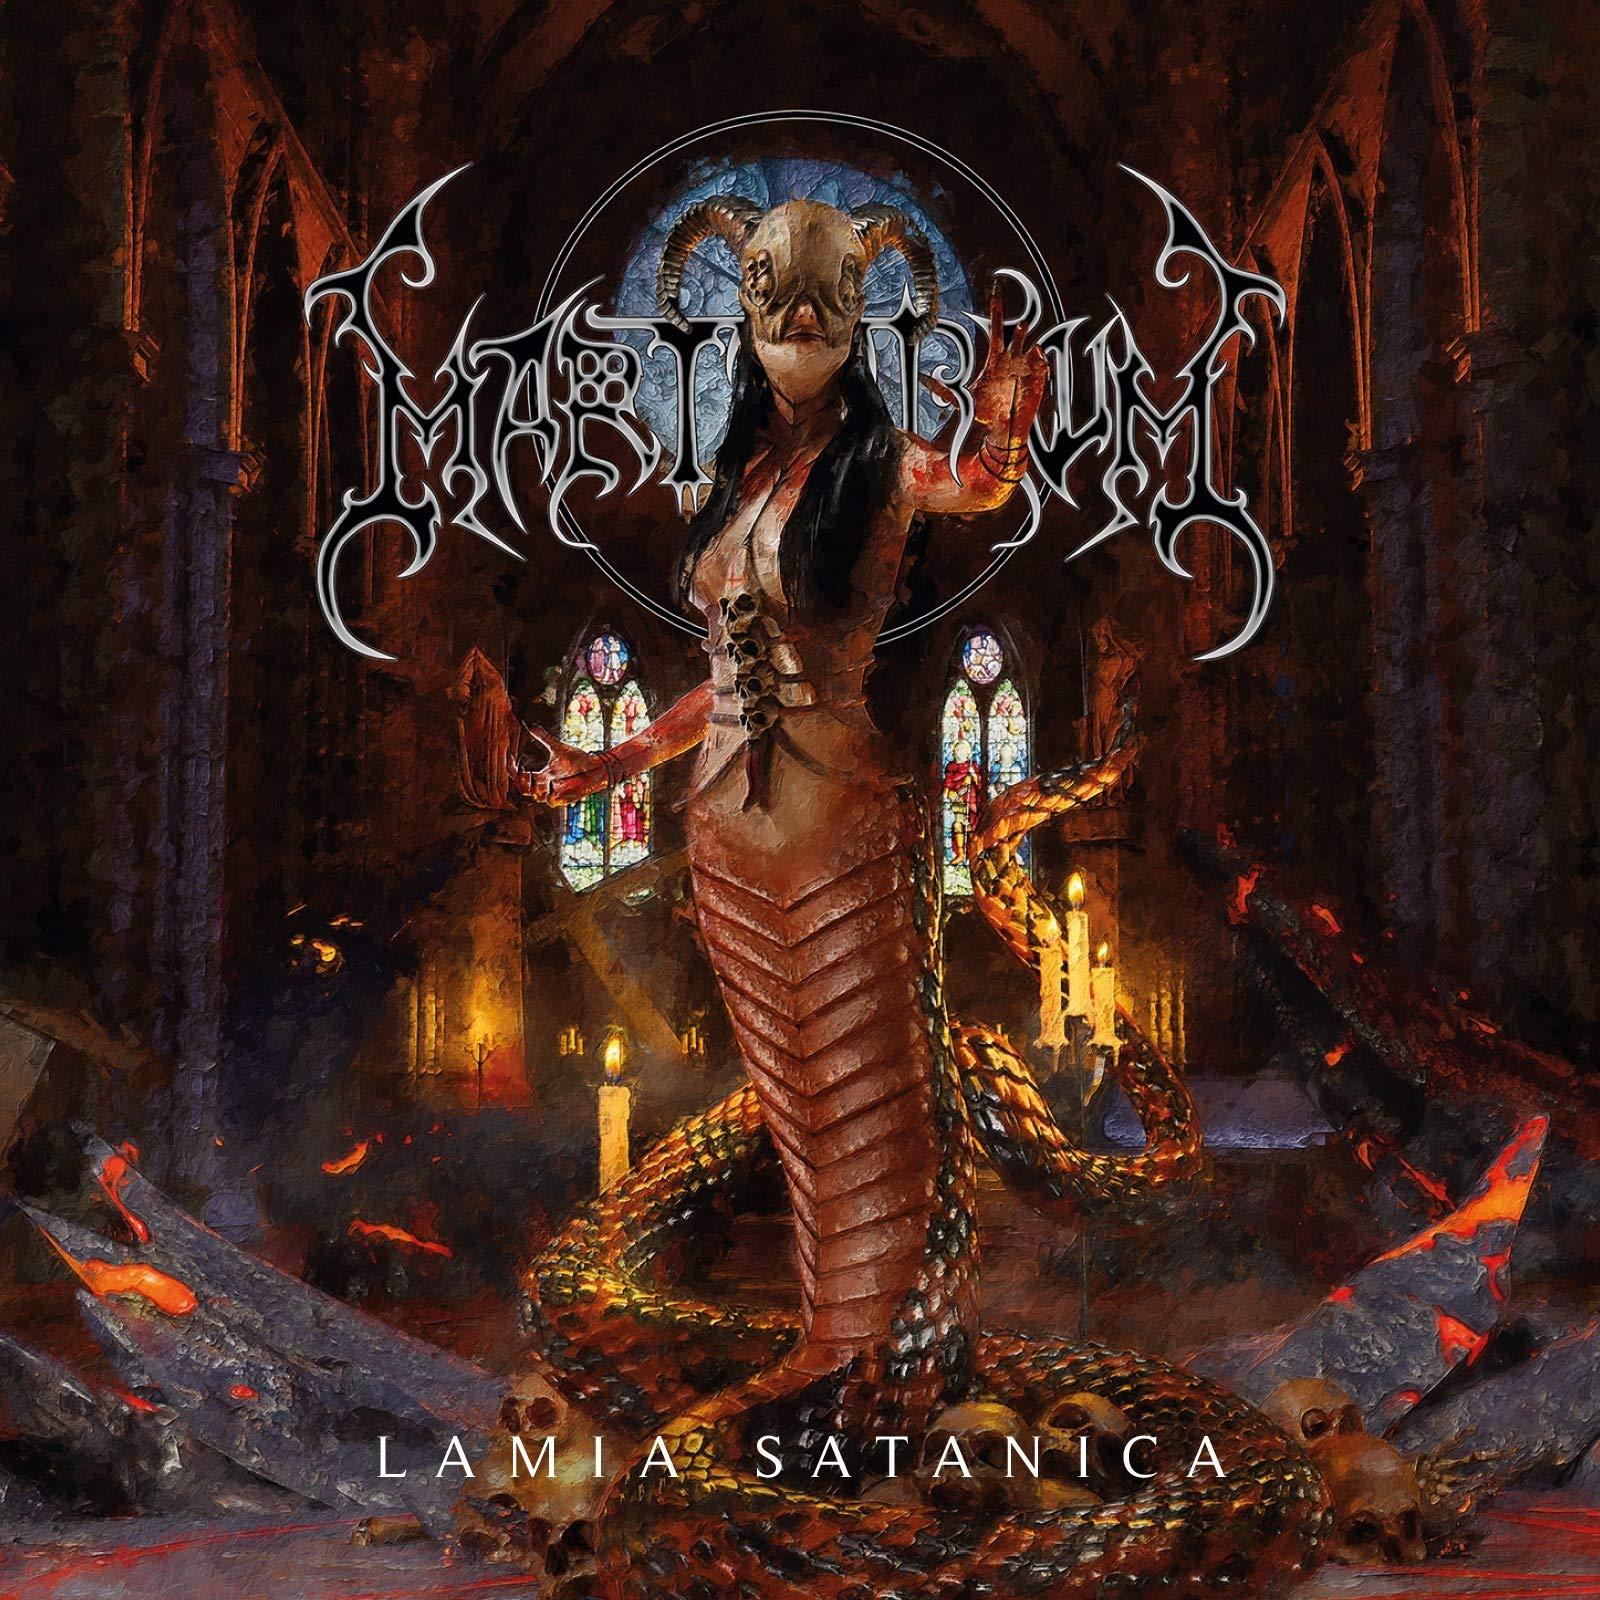 Martyrium - Lamia Satanica (2020) [FLAC] Download